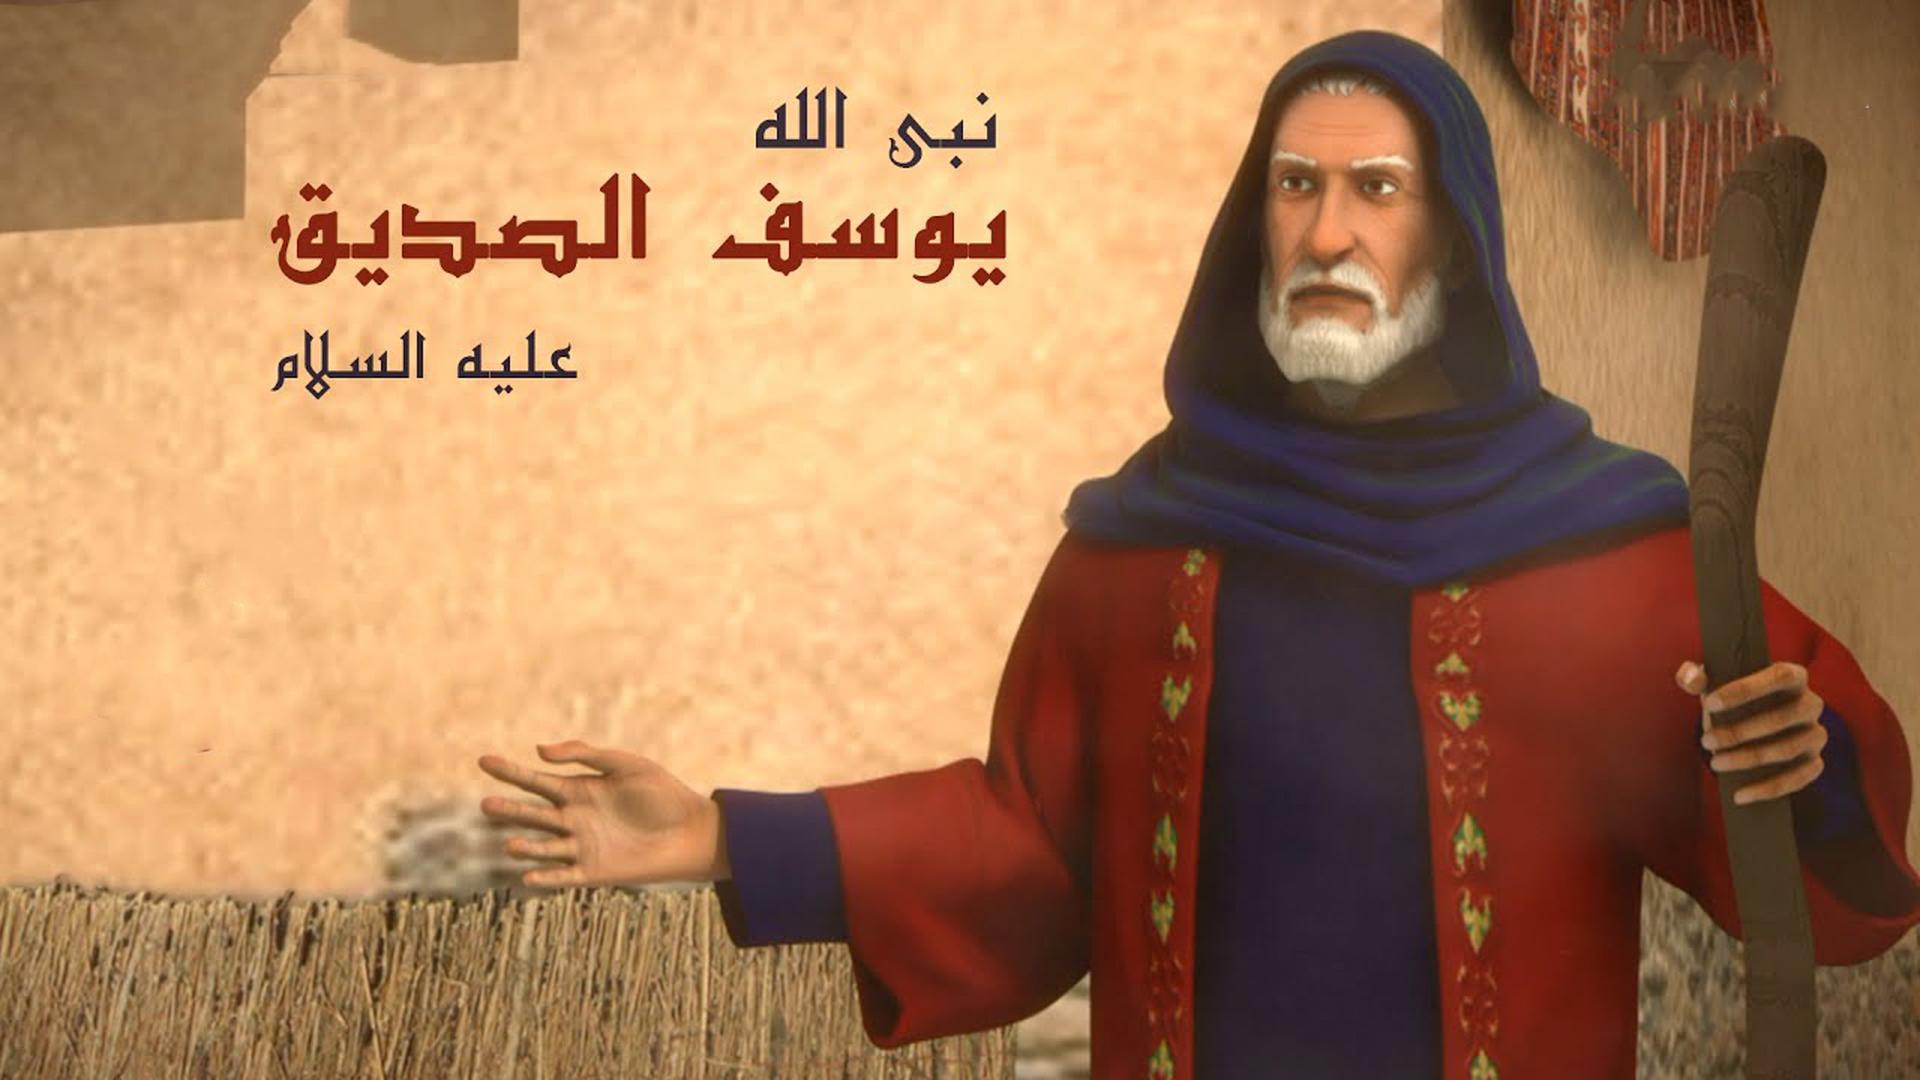 نبي الله يوسف الصديق